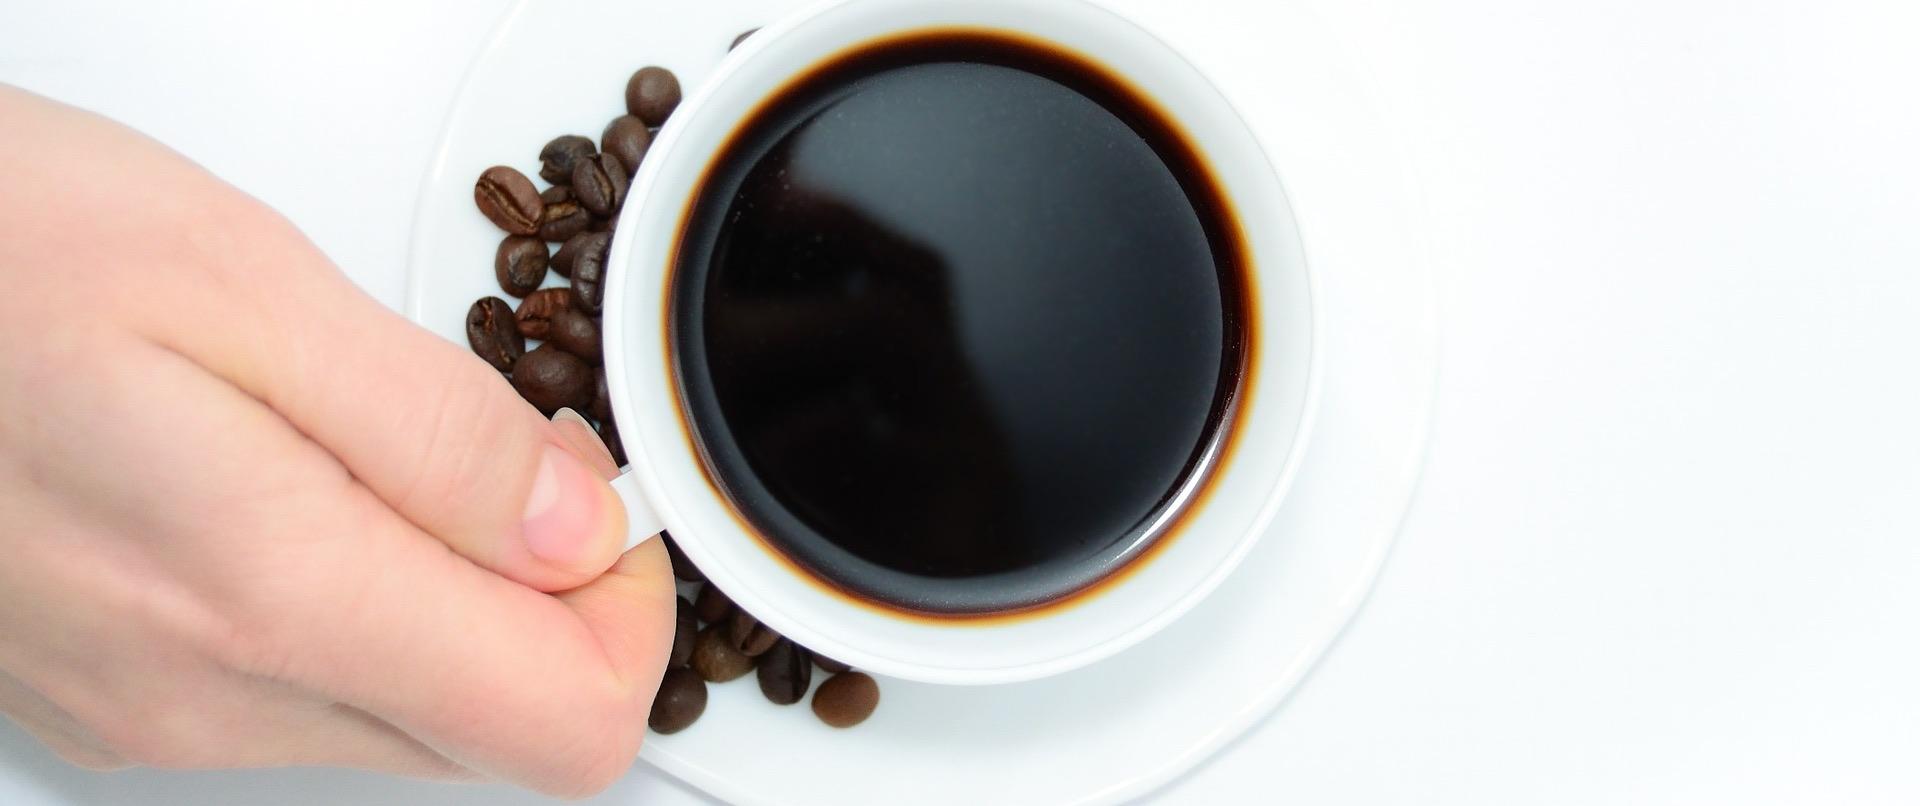 咖啡是寒性還是熱性飲品?中醫師來解答!